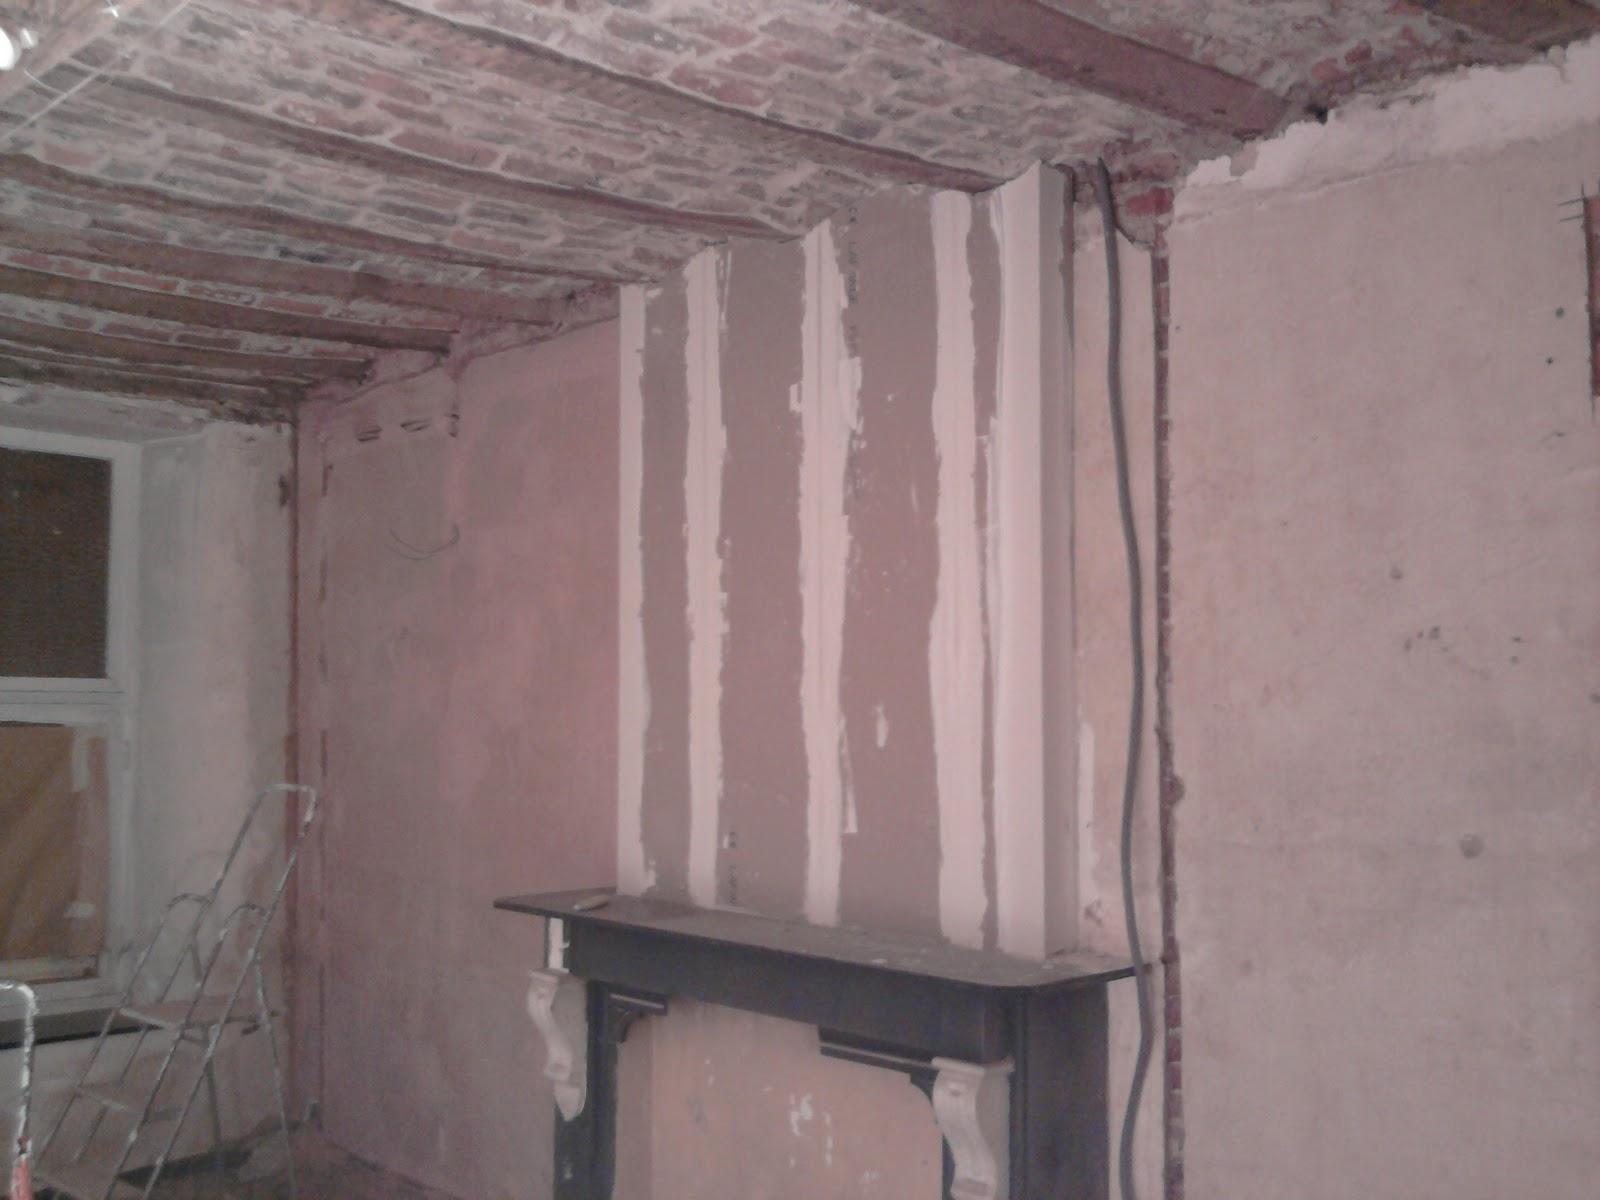 Les petits gravats pr paratifs plafonnage for Plafonnage mur exterieur